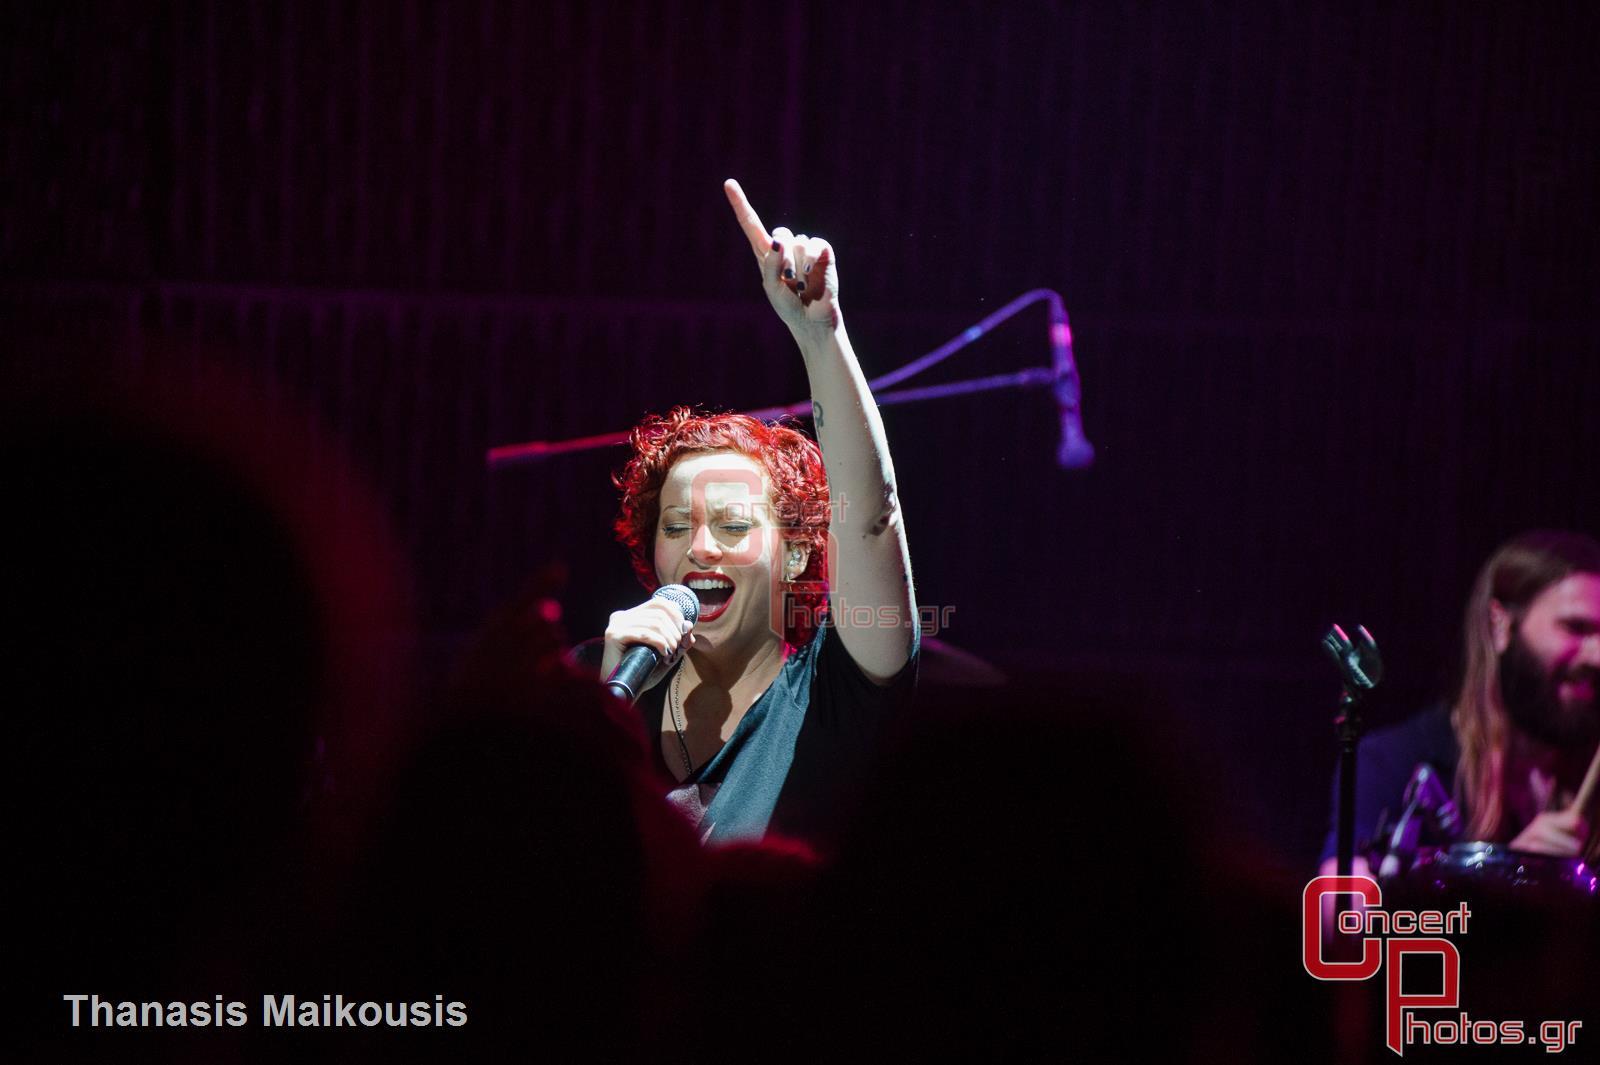 Anneke van Giersbergen-Anneke van Giersbergen photographer: Thanasis Maikousis - ConcertPhotos-0409